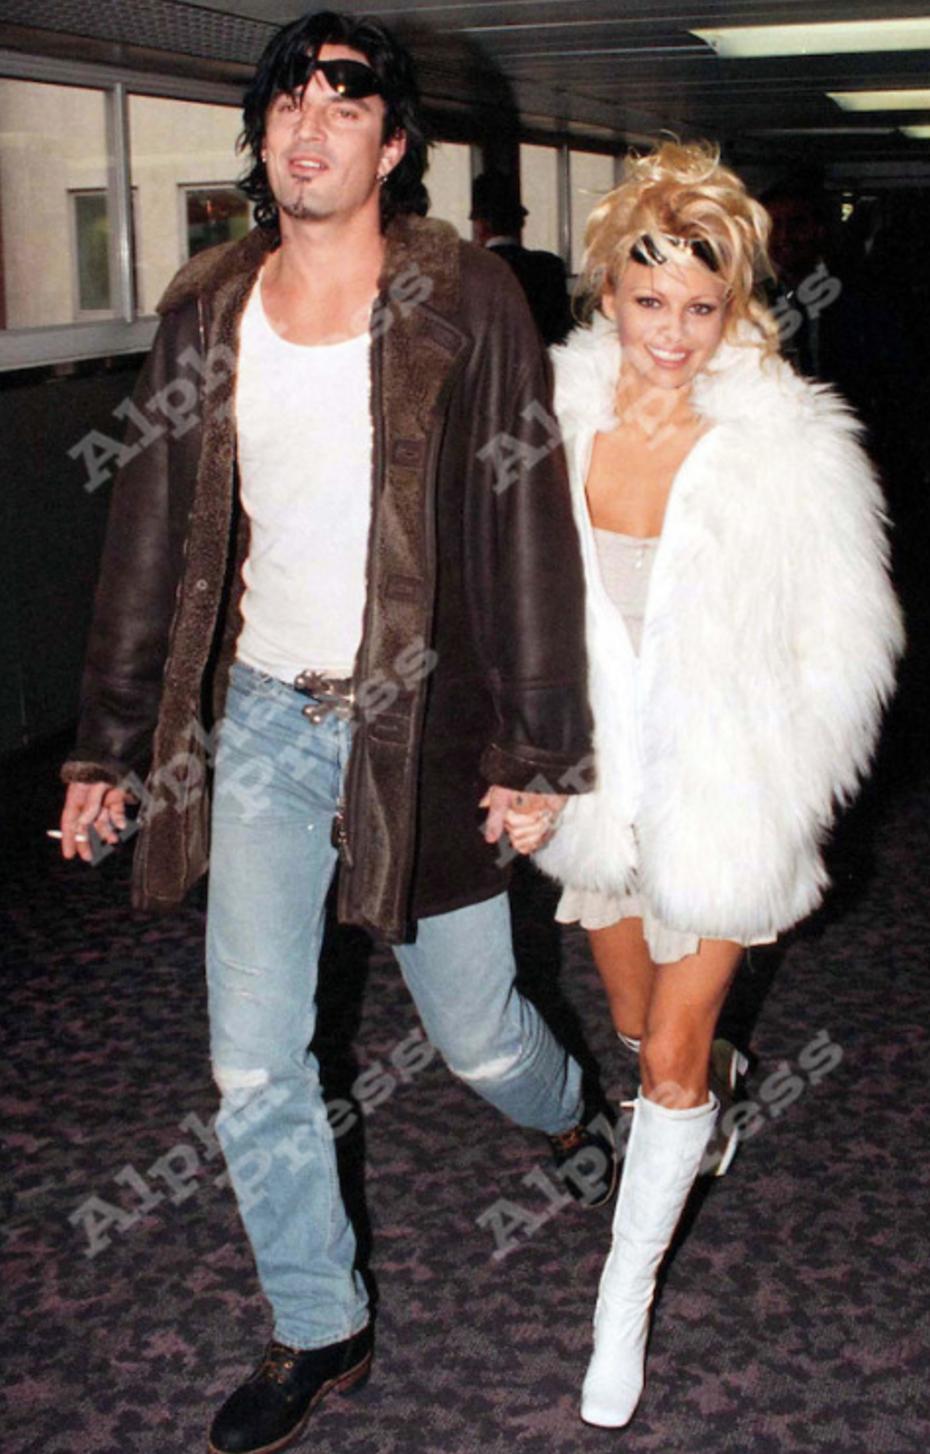 Pamela anderson tommy lee wedding bands - Tommy Lee Pamela Anderson